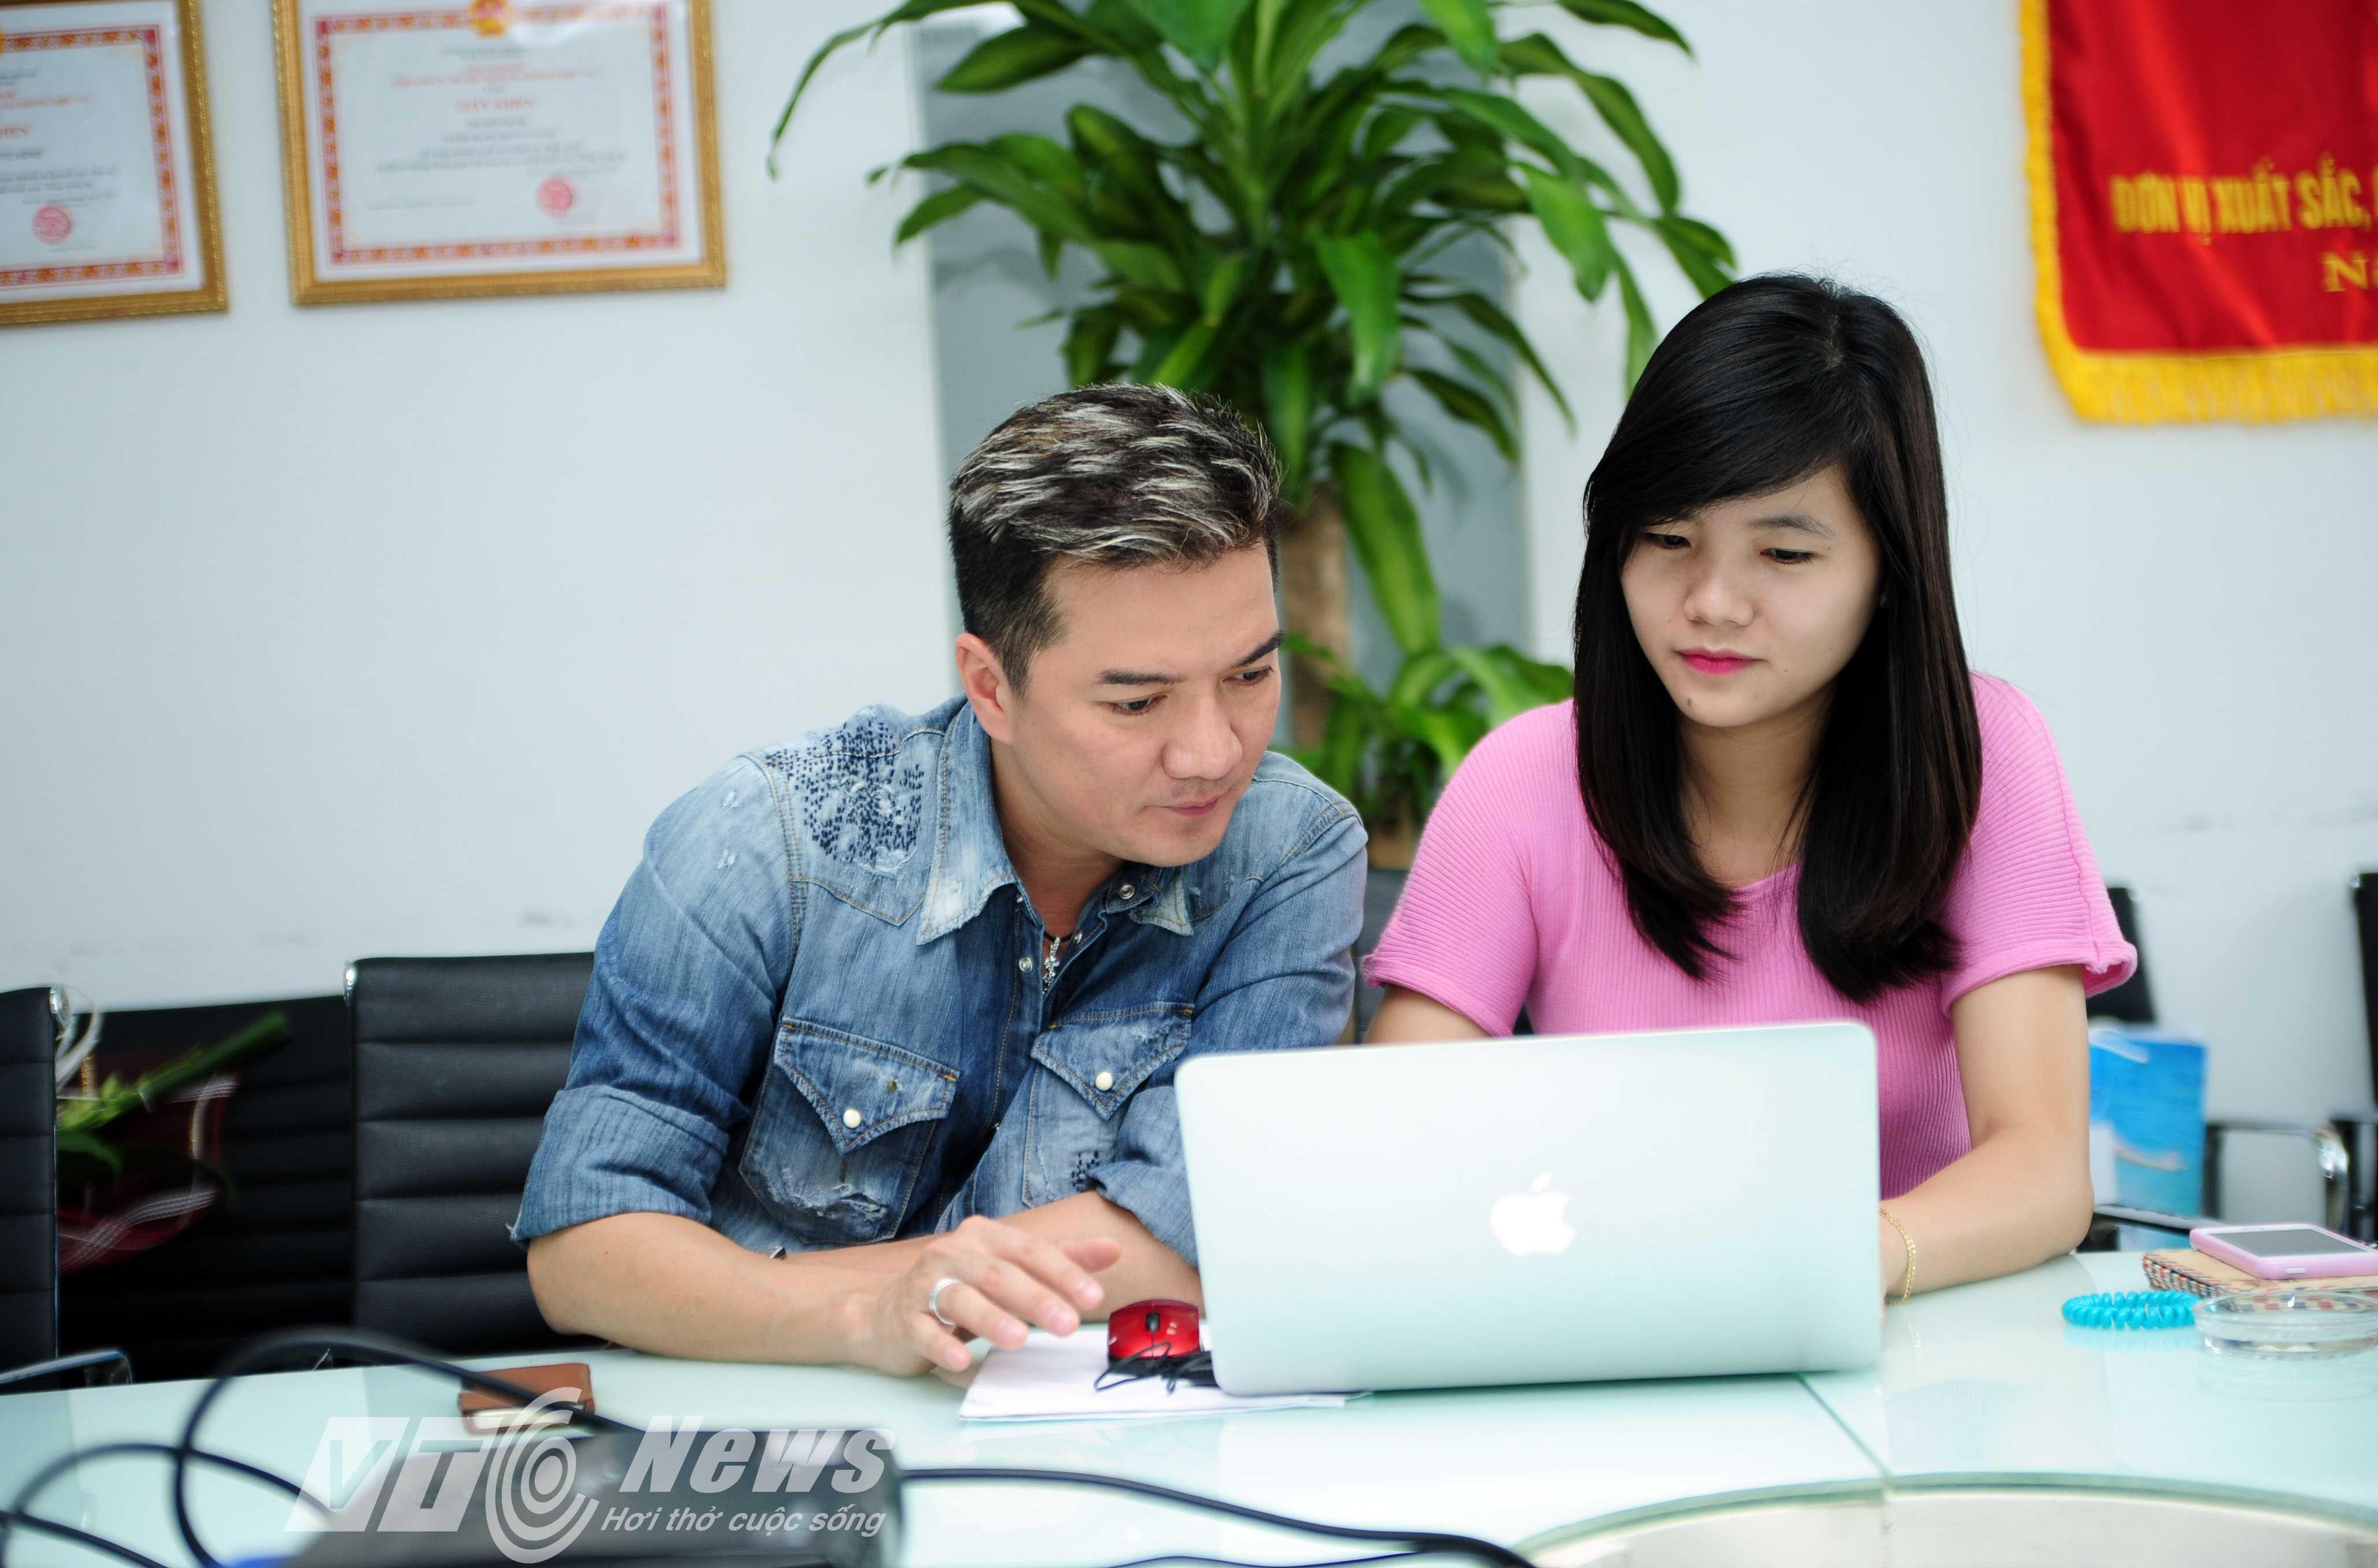 Ca sỹ Đàm Vĩnh Hưng đang trả lời trực tuyến độc giả Báo điện tử VTC News